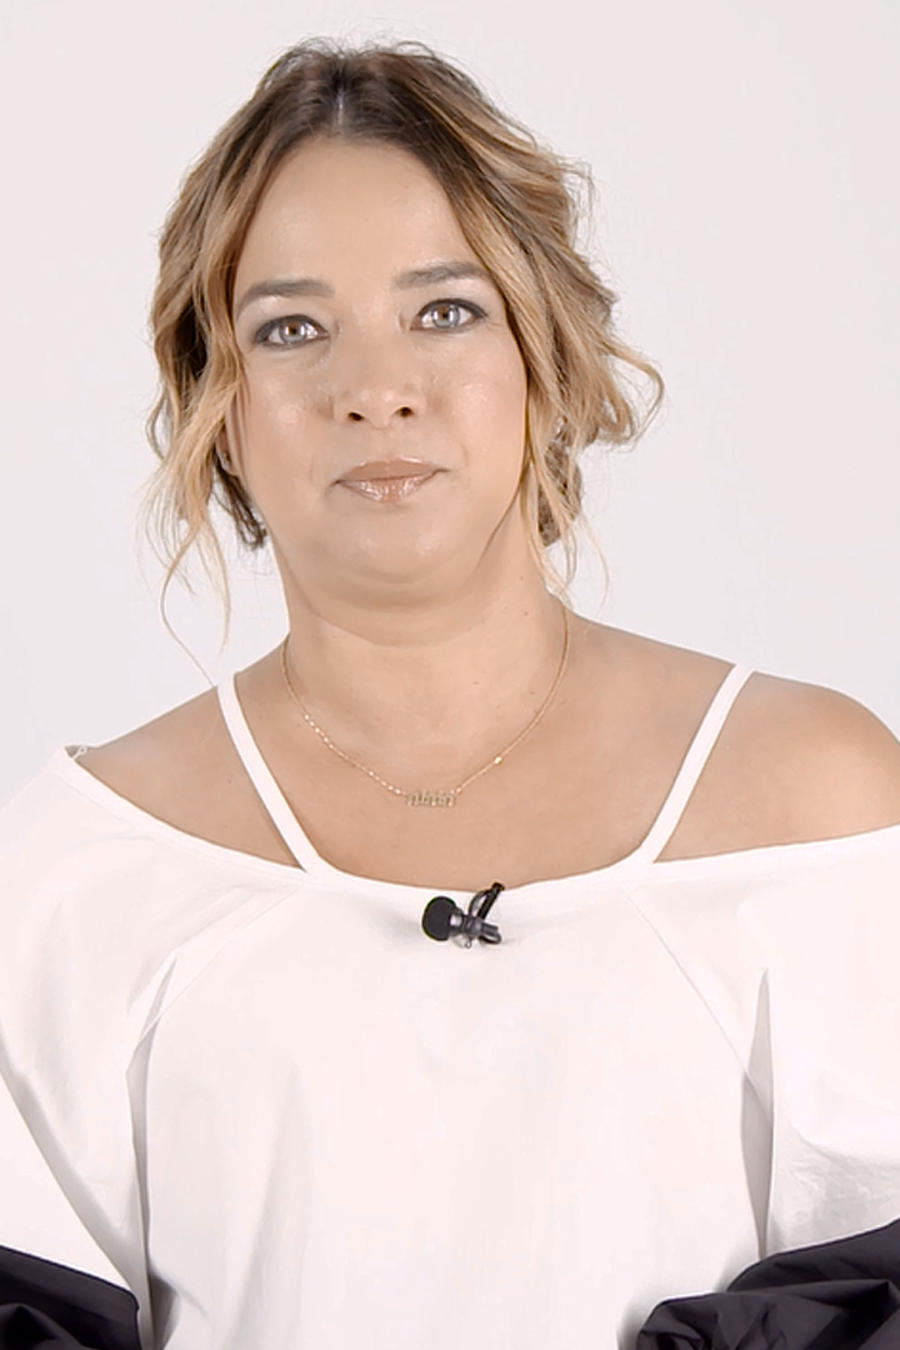 Cáncer de seno: La importancia de la comunicación